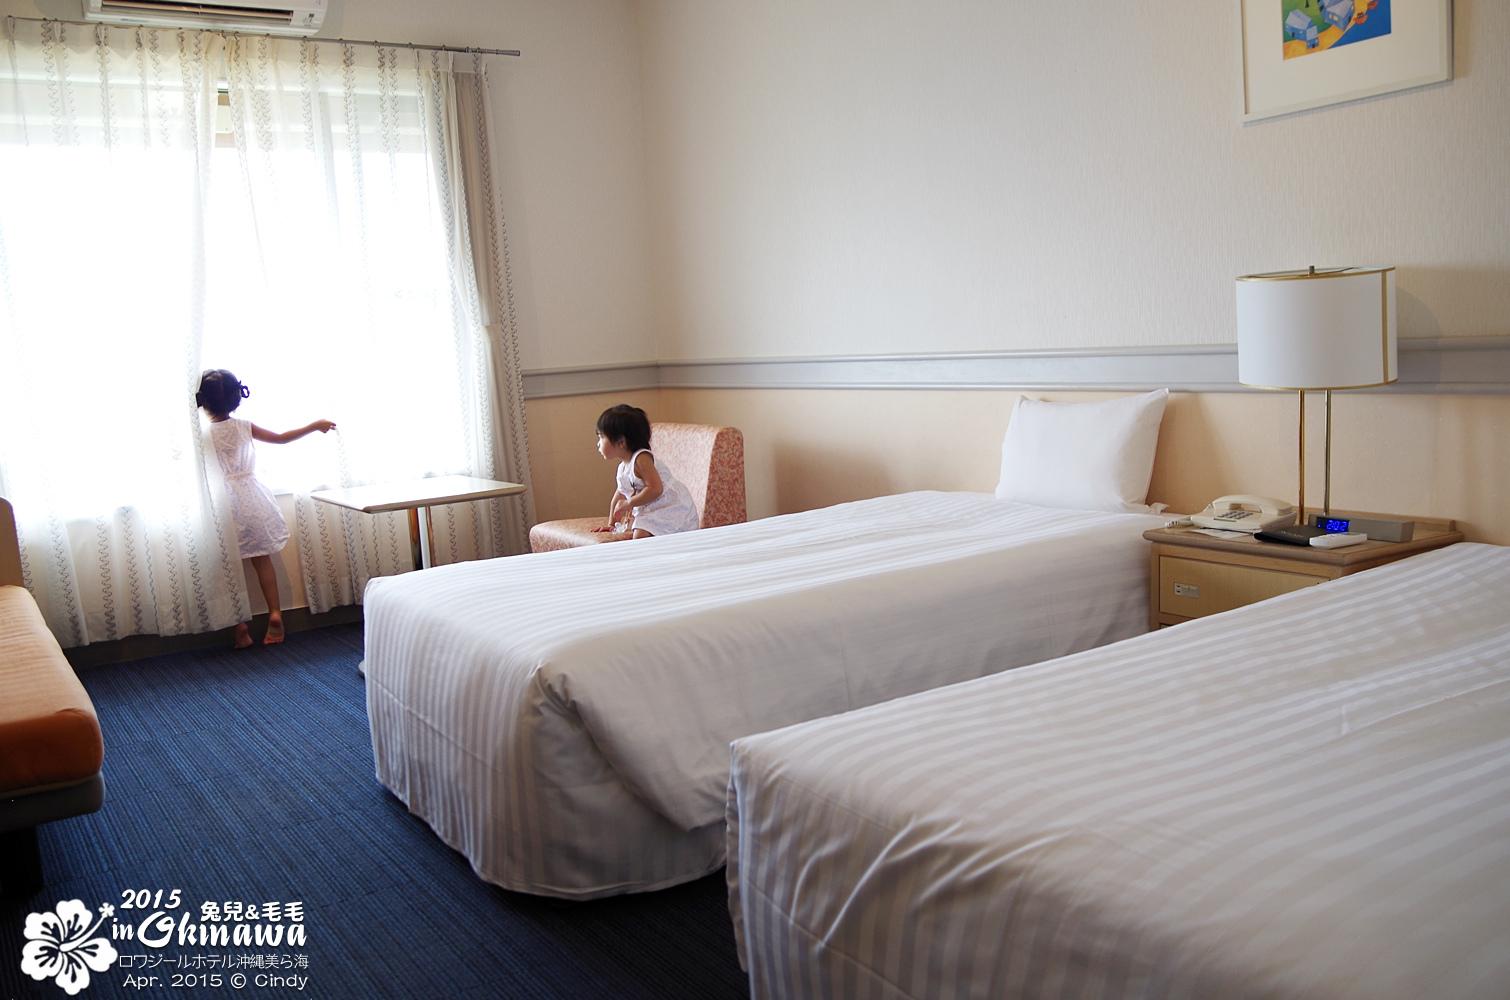 2015-0405-ロワジールホテル沖縄美ら海-01.jpg